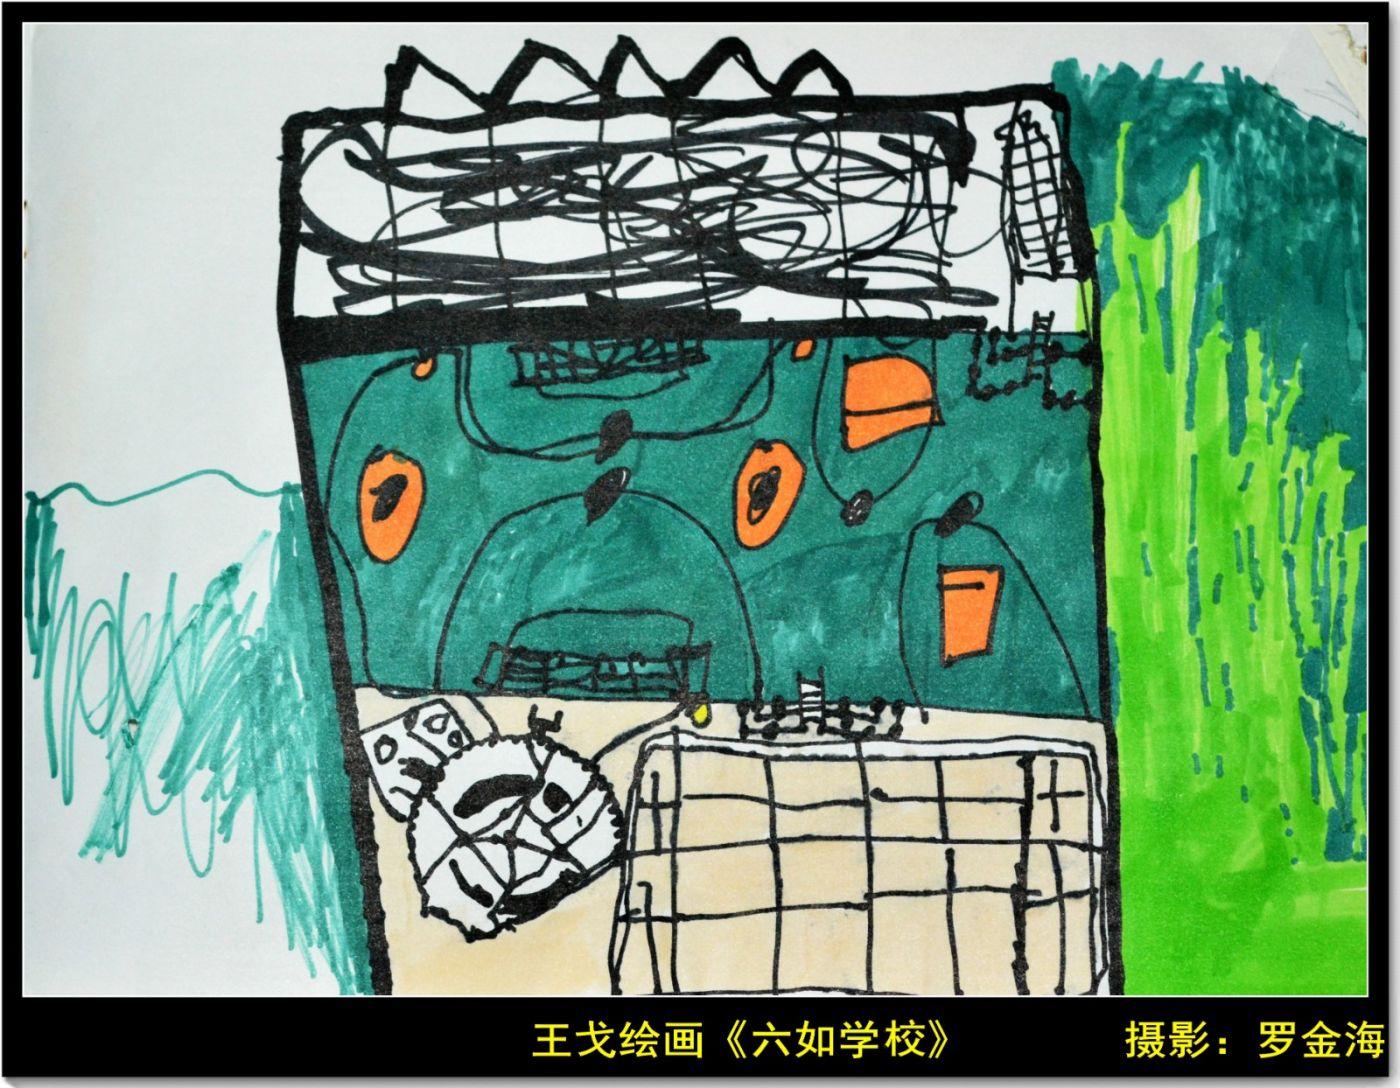 王戈的绘画欣赏(三)七律_图1-7